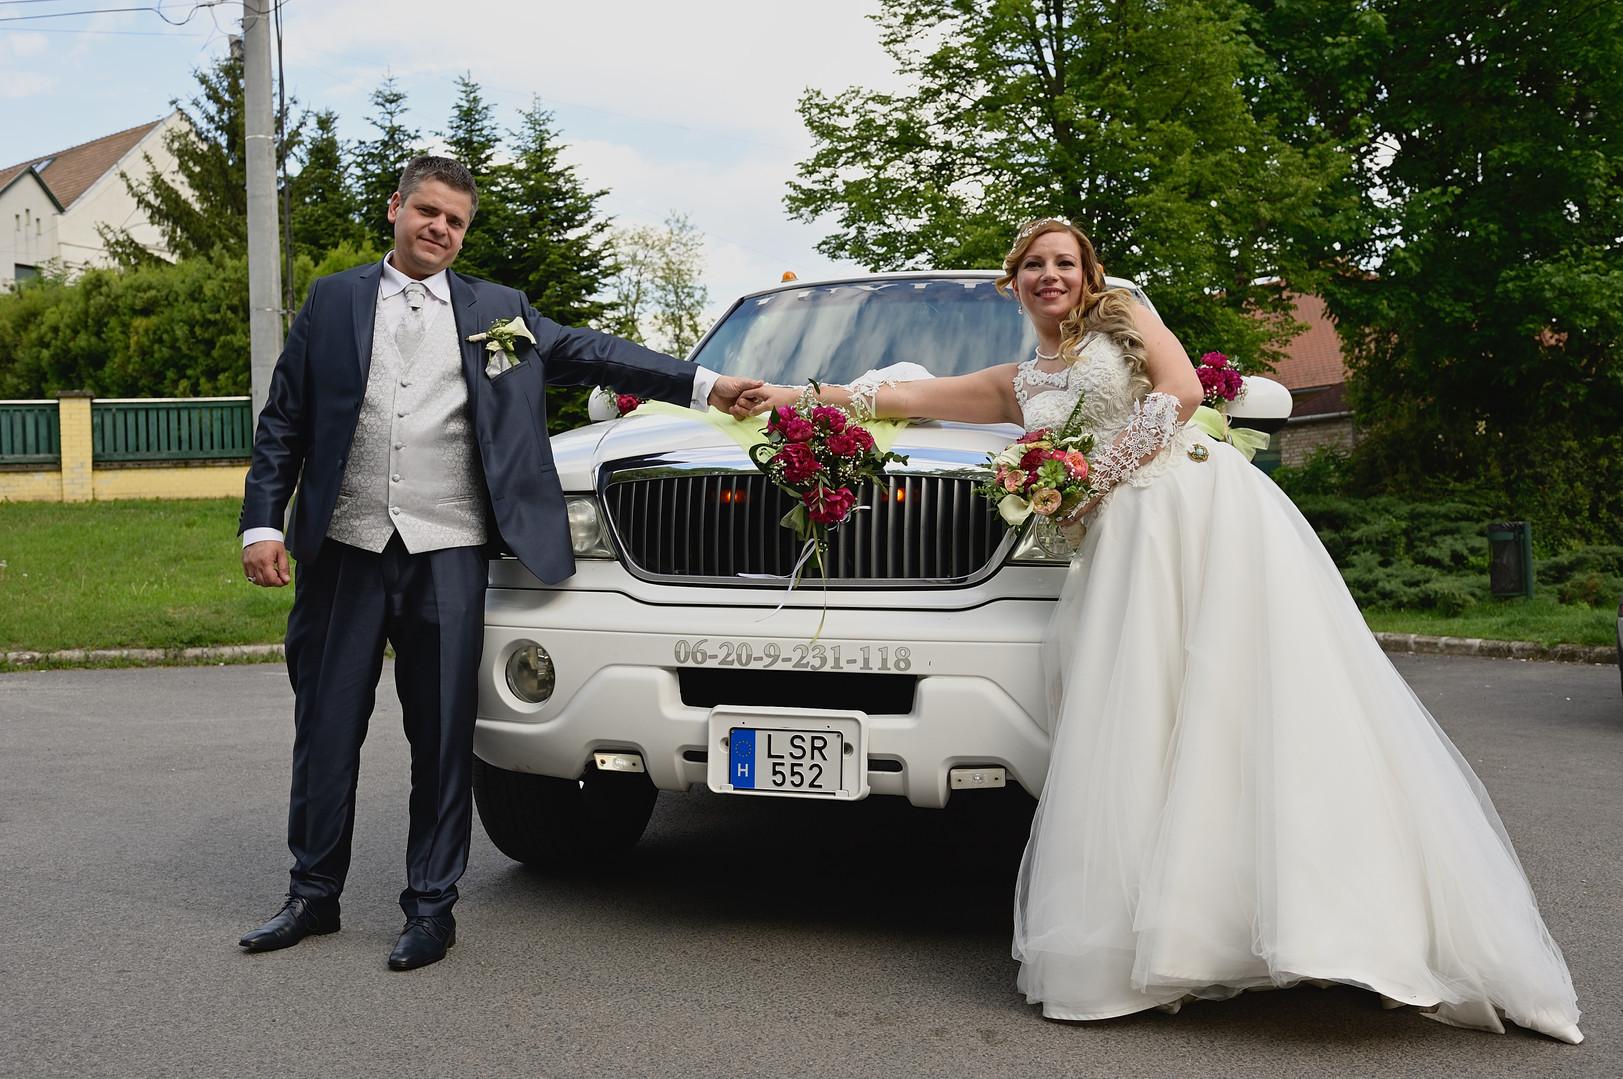 402  Esküvői fotózás - Enikő és Peti KRE